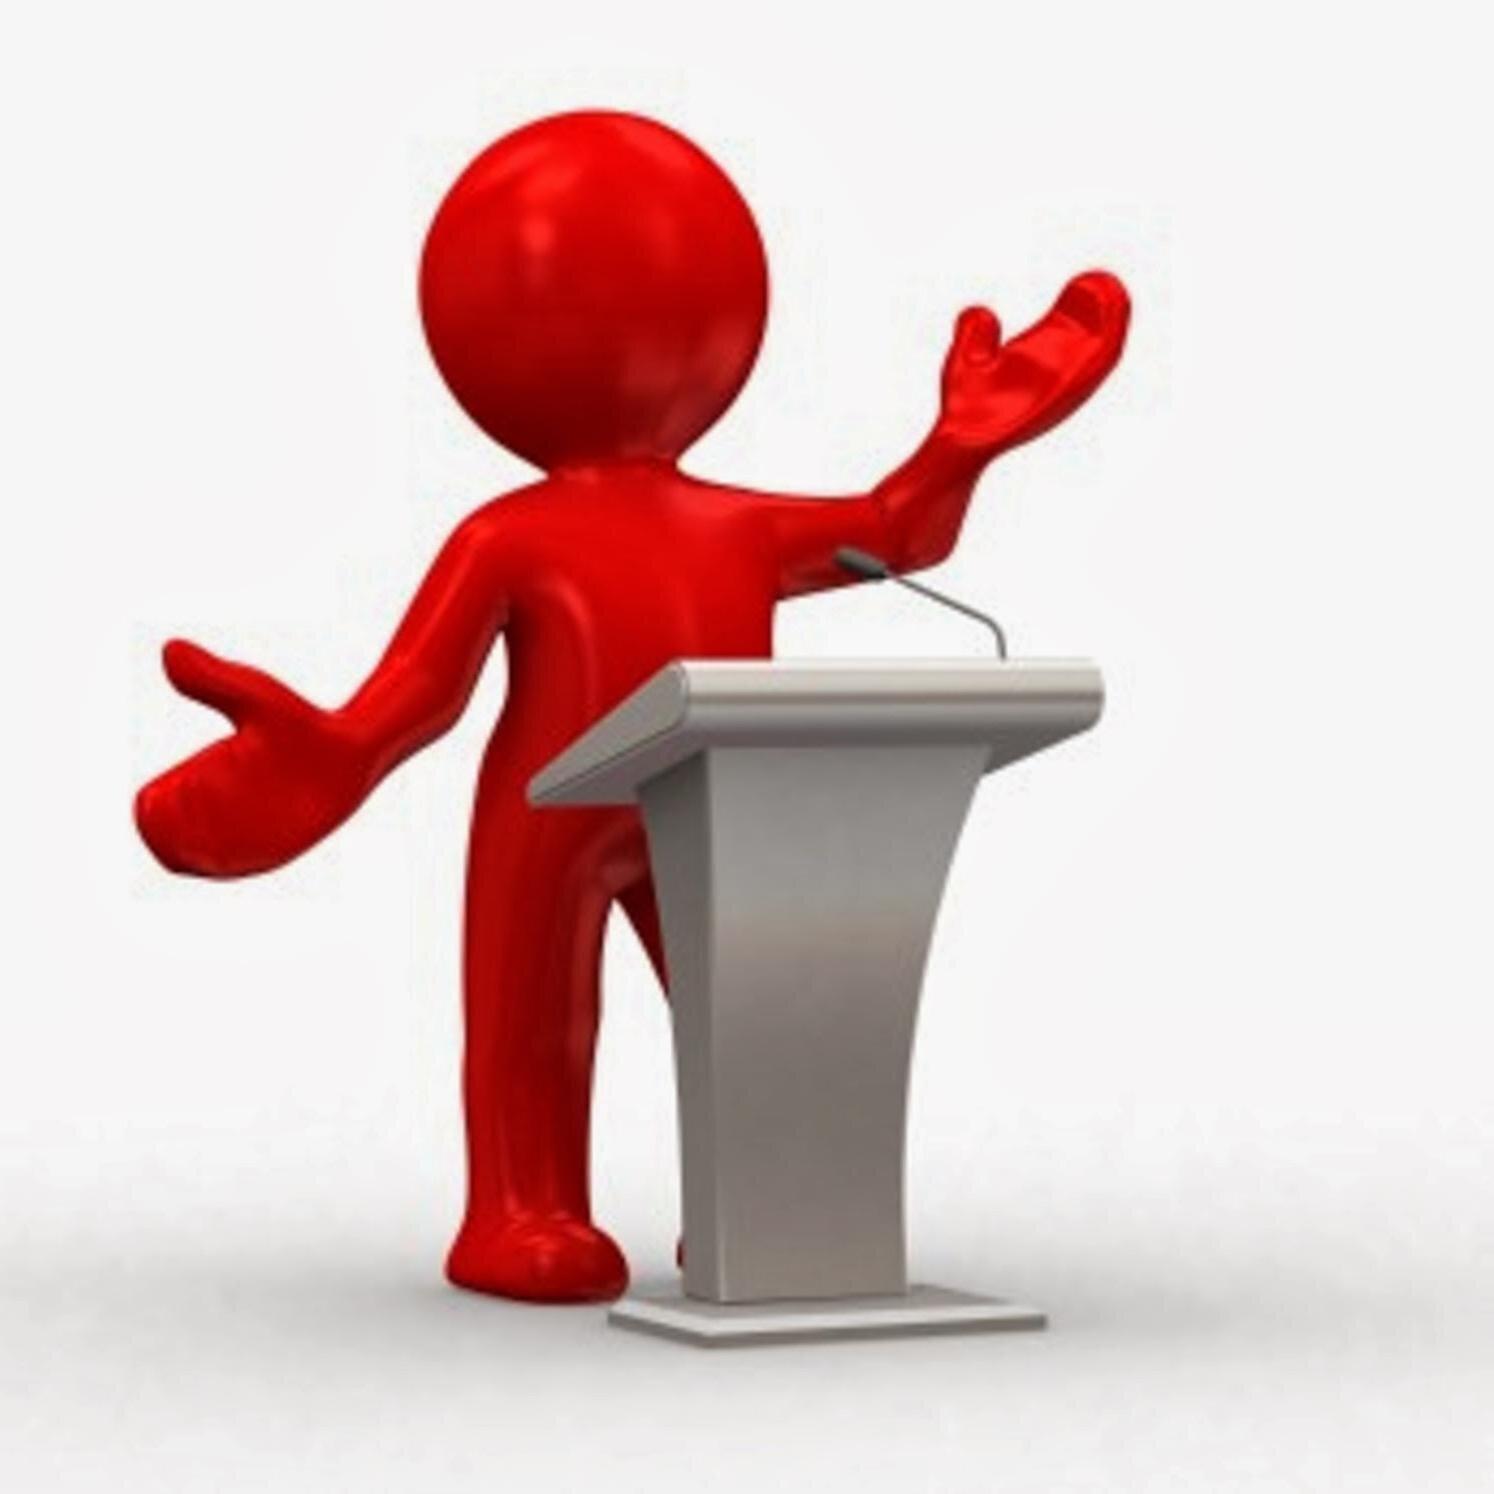 Red statue public speaking